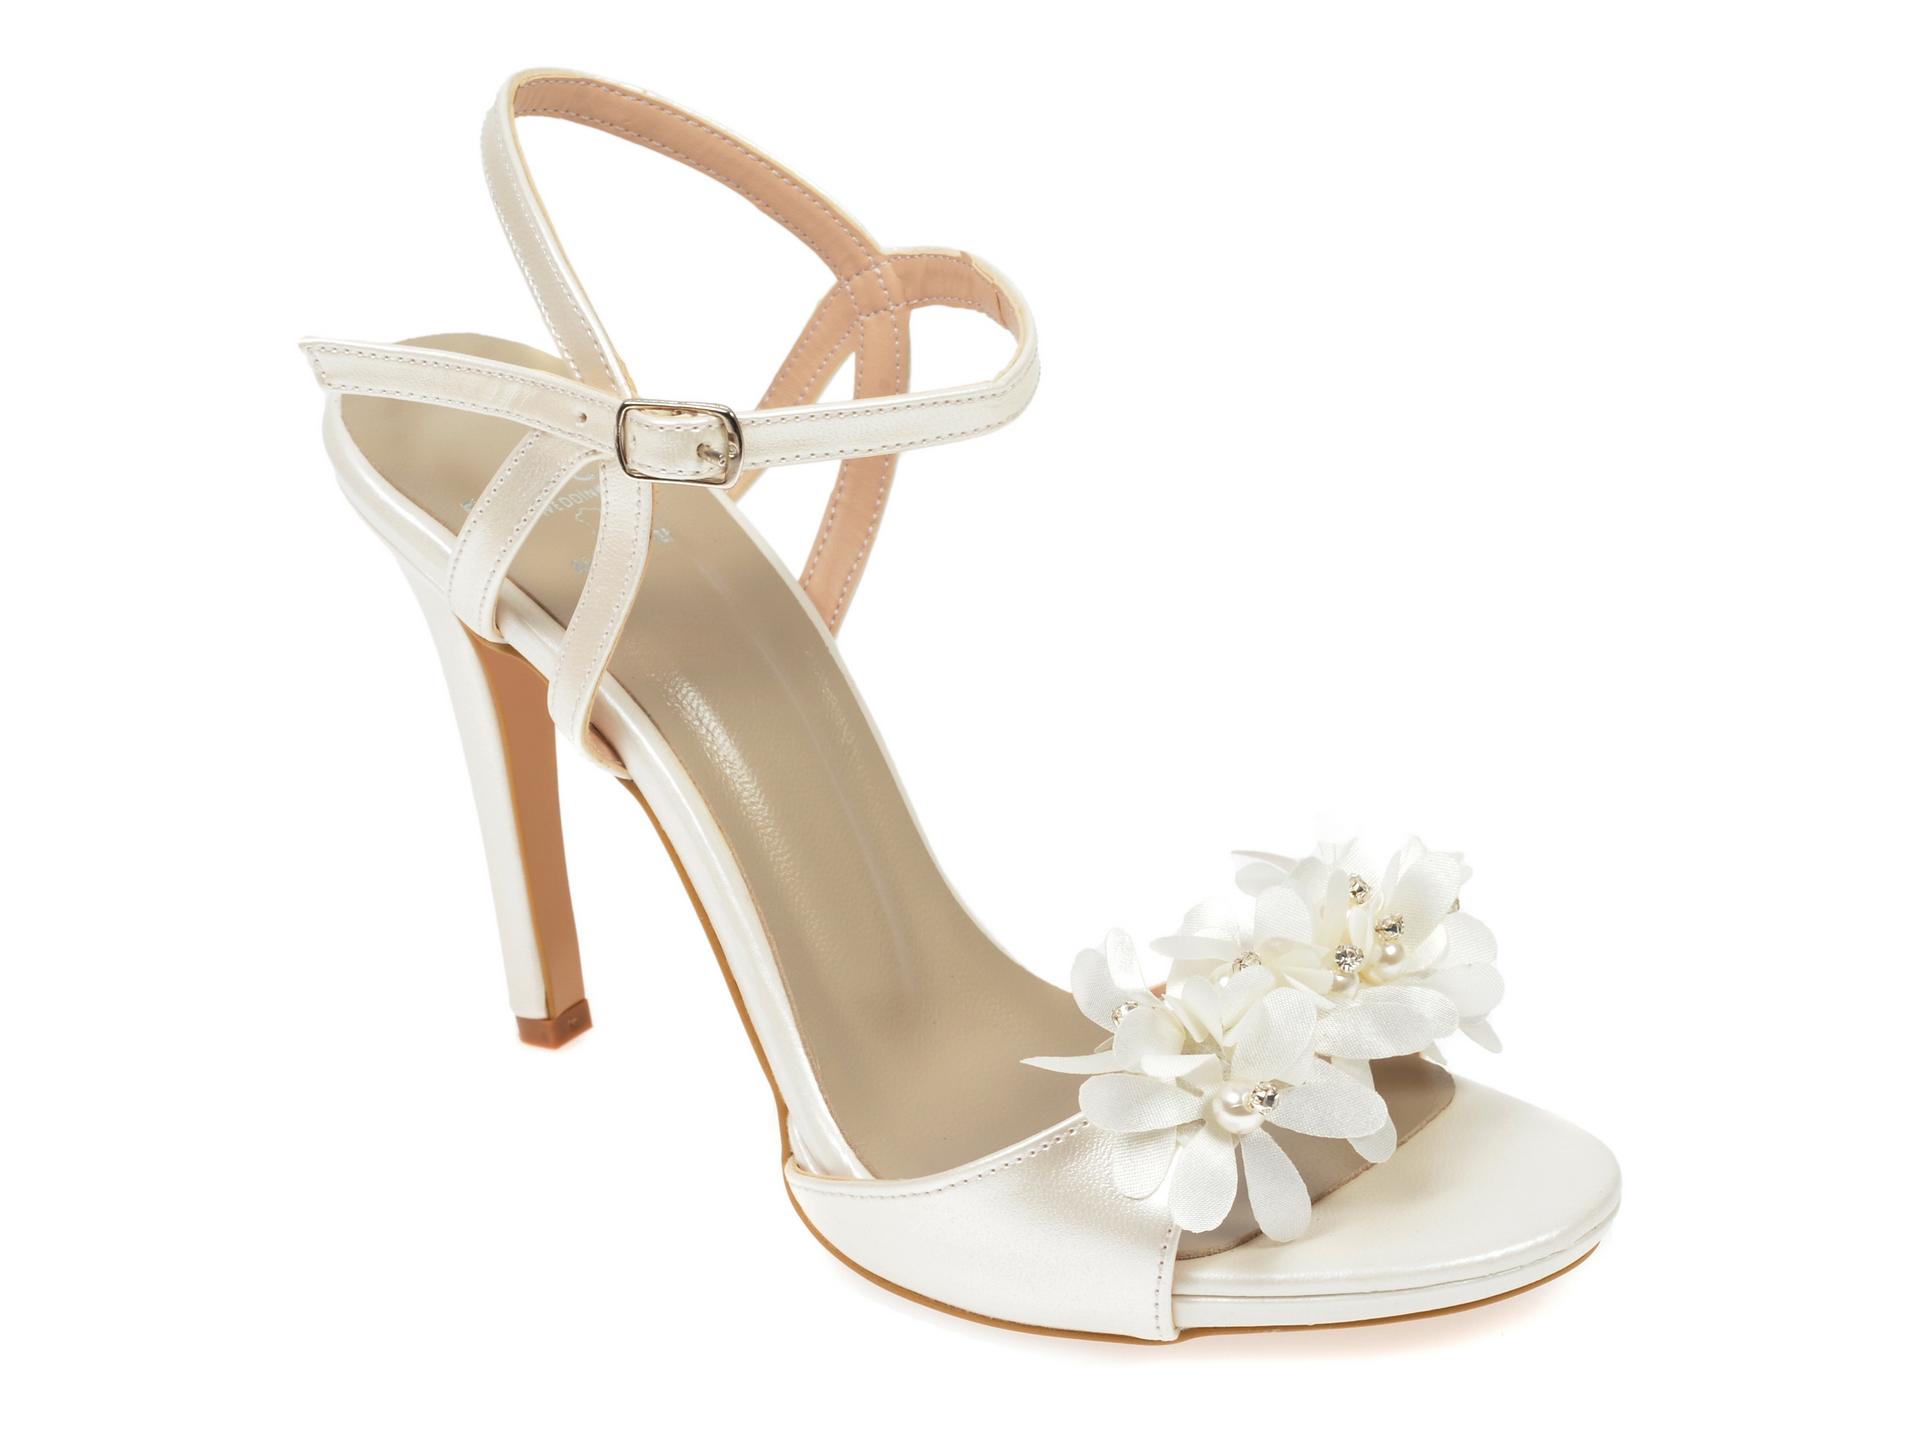 Sandale EPICA albe, 5833029, din piele ecologica